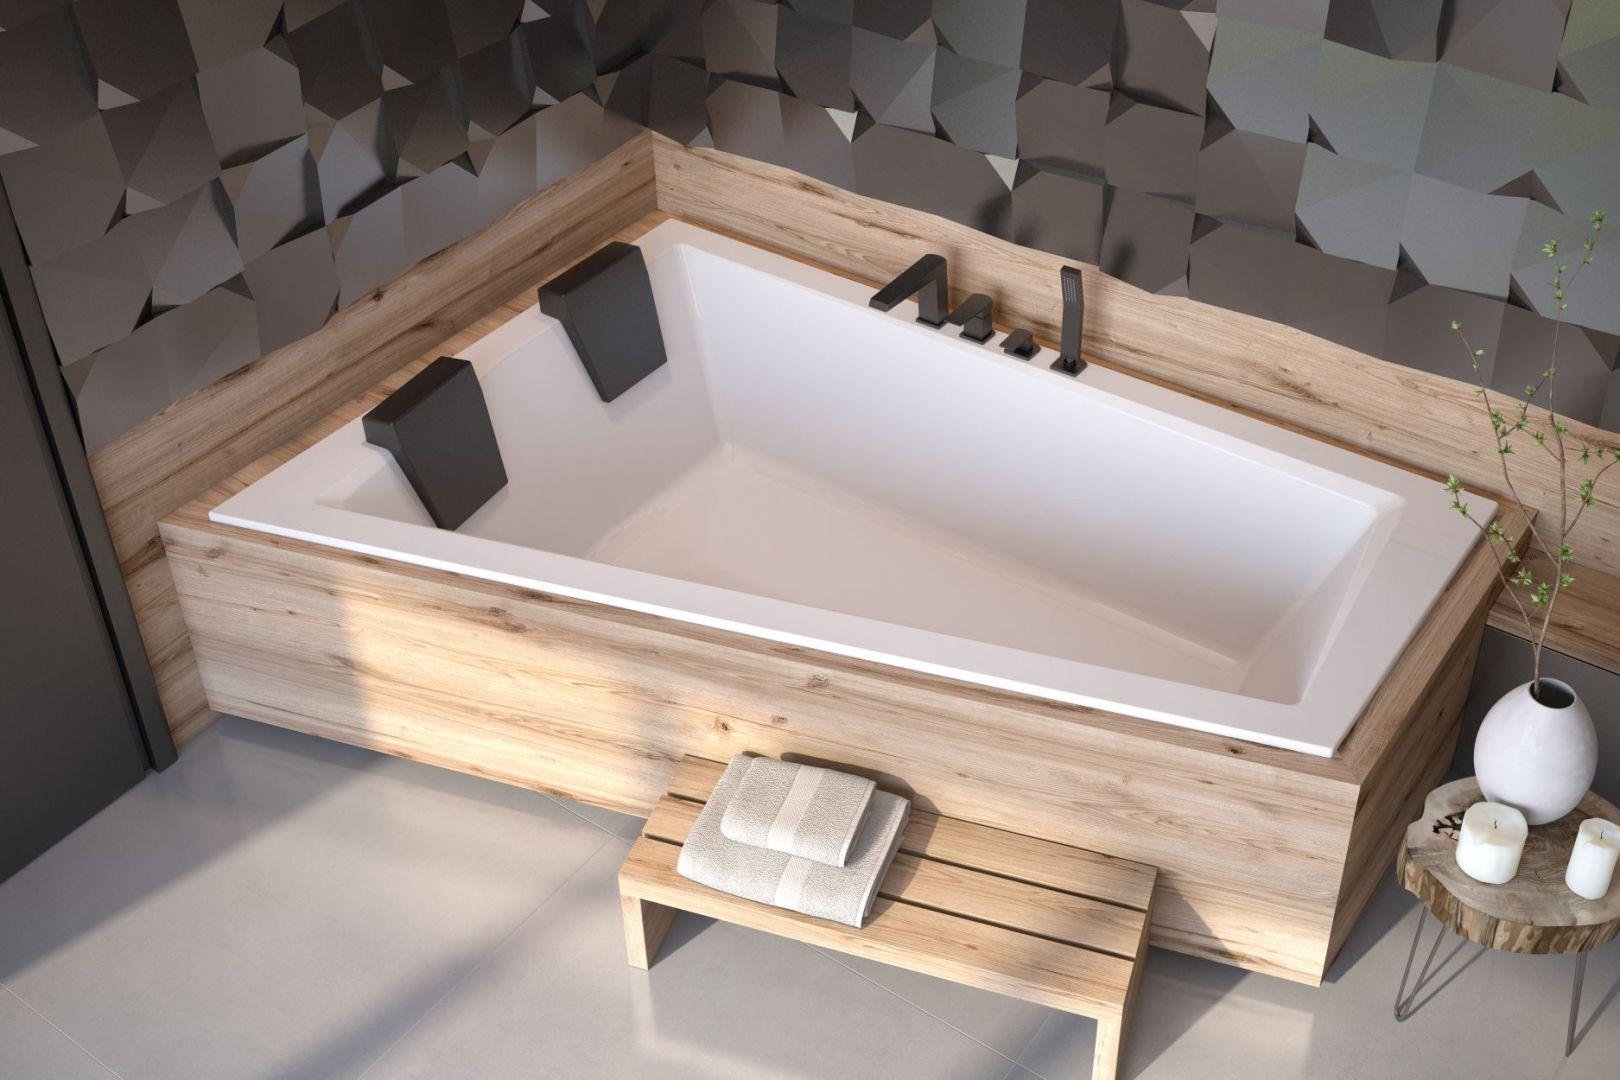 Trendy 2020 Zobacz Co Bedzie Modne W Lazienkach Galeria Dobrzemieszkaj Pl In 2020 Small Bathroom Layout Bathroom Layout Small Bathroom With Shower